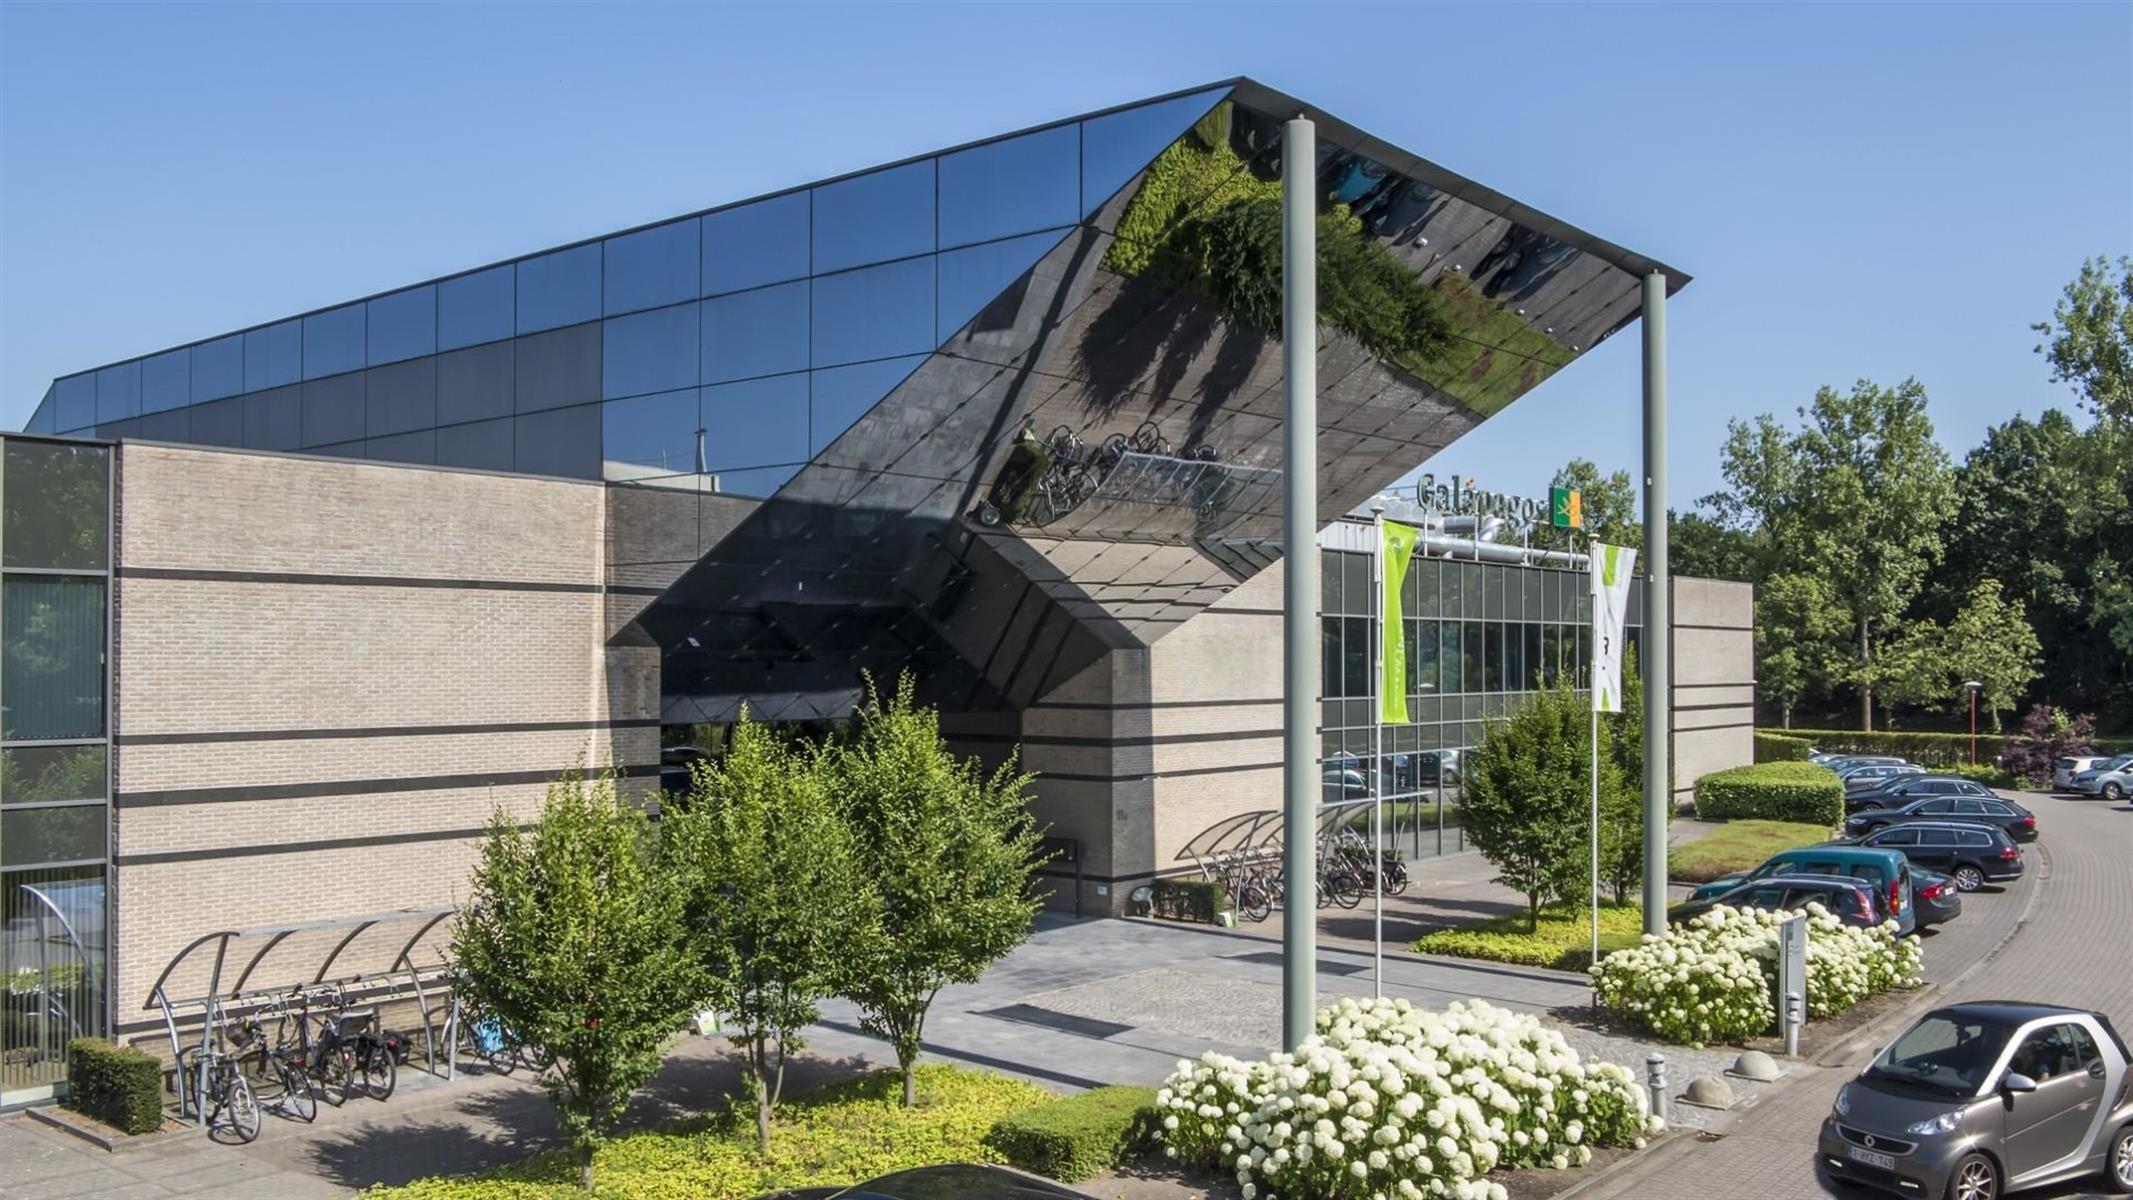 kantoor te huur I126 - 17A - unit 1/L | ingericht - Generaal de Wittelaan 17, 2800 Mechelen, België 2